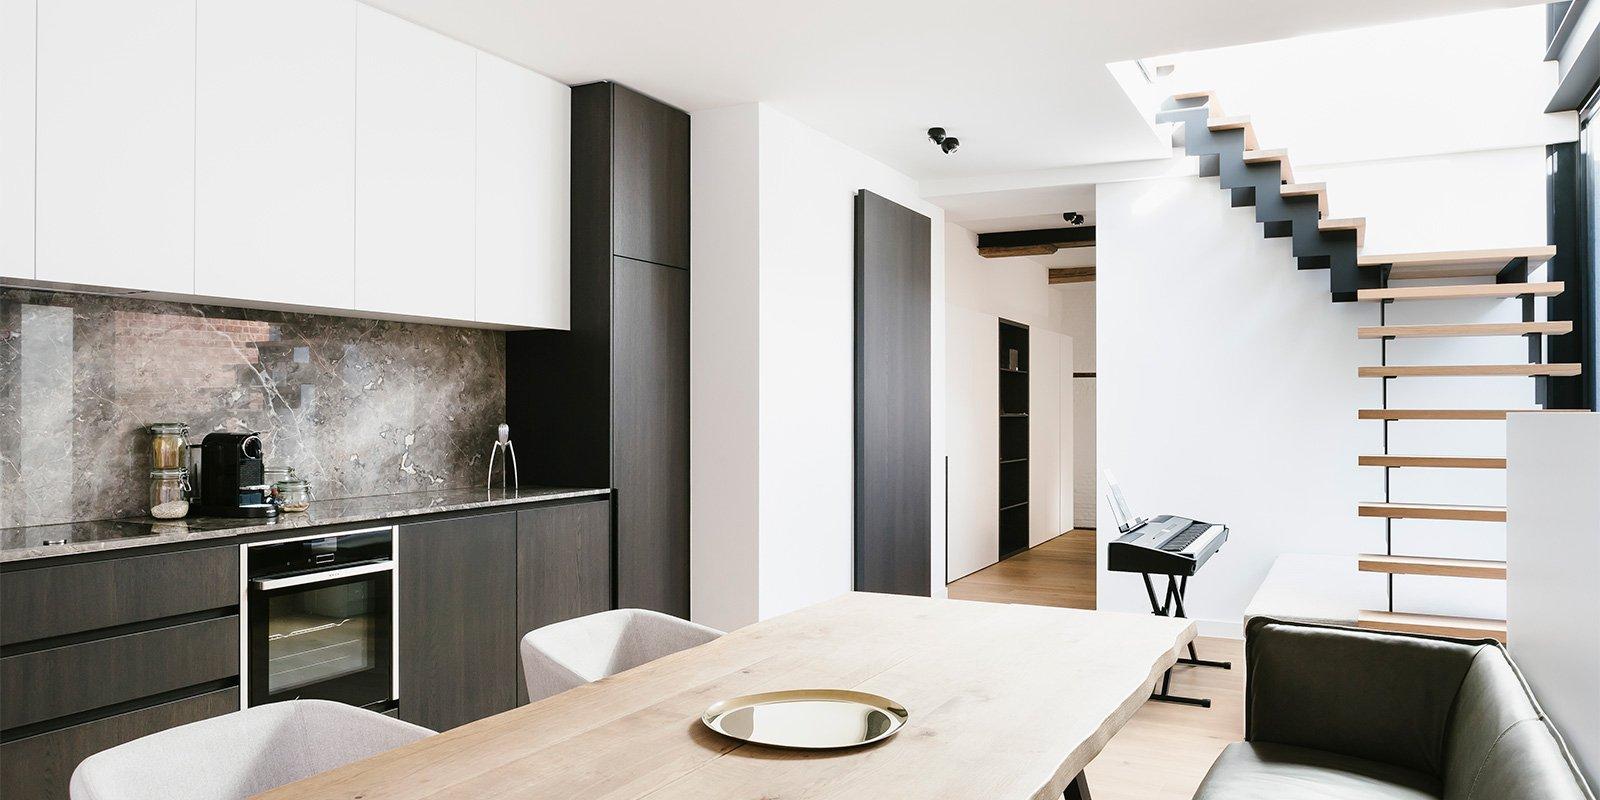 minimalistisch appartement, AnA Interior, ruwe materialen, open interieur, appartement